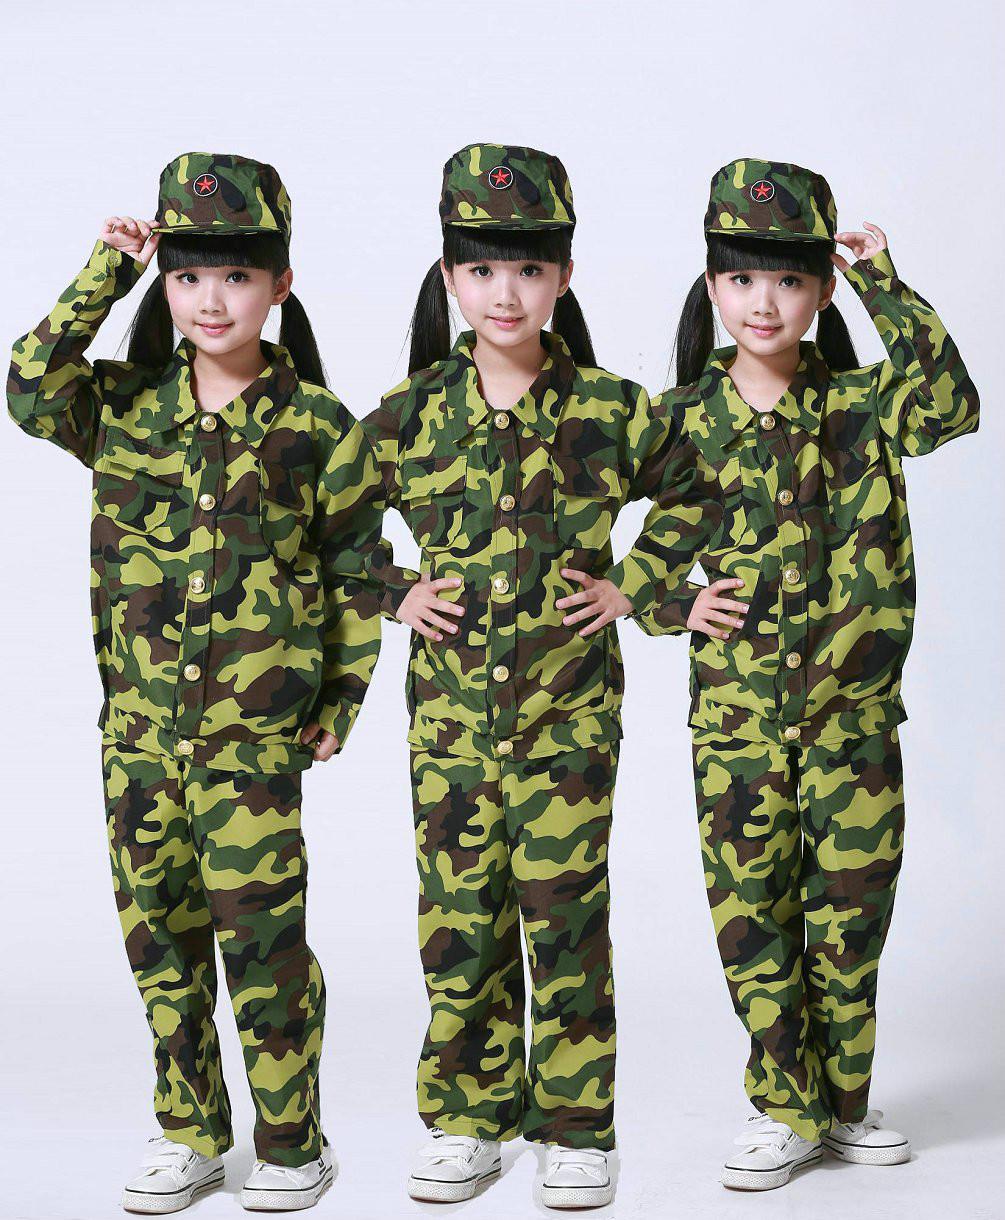 [해외]위장 의류 세트 아이 군대 복장 아동 스포츠 정장 긴 Retail 학교 군대 훈련 교복/Camouflage Clothing Set Kid Military Uniform Clothes Children&s Sport Suit Long Sleeve School Mil